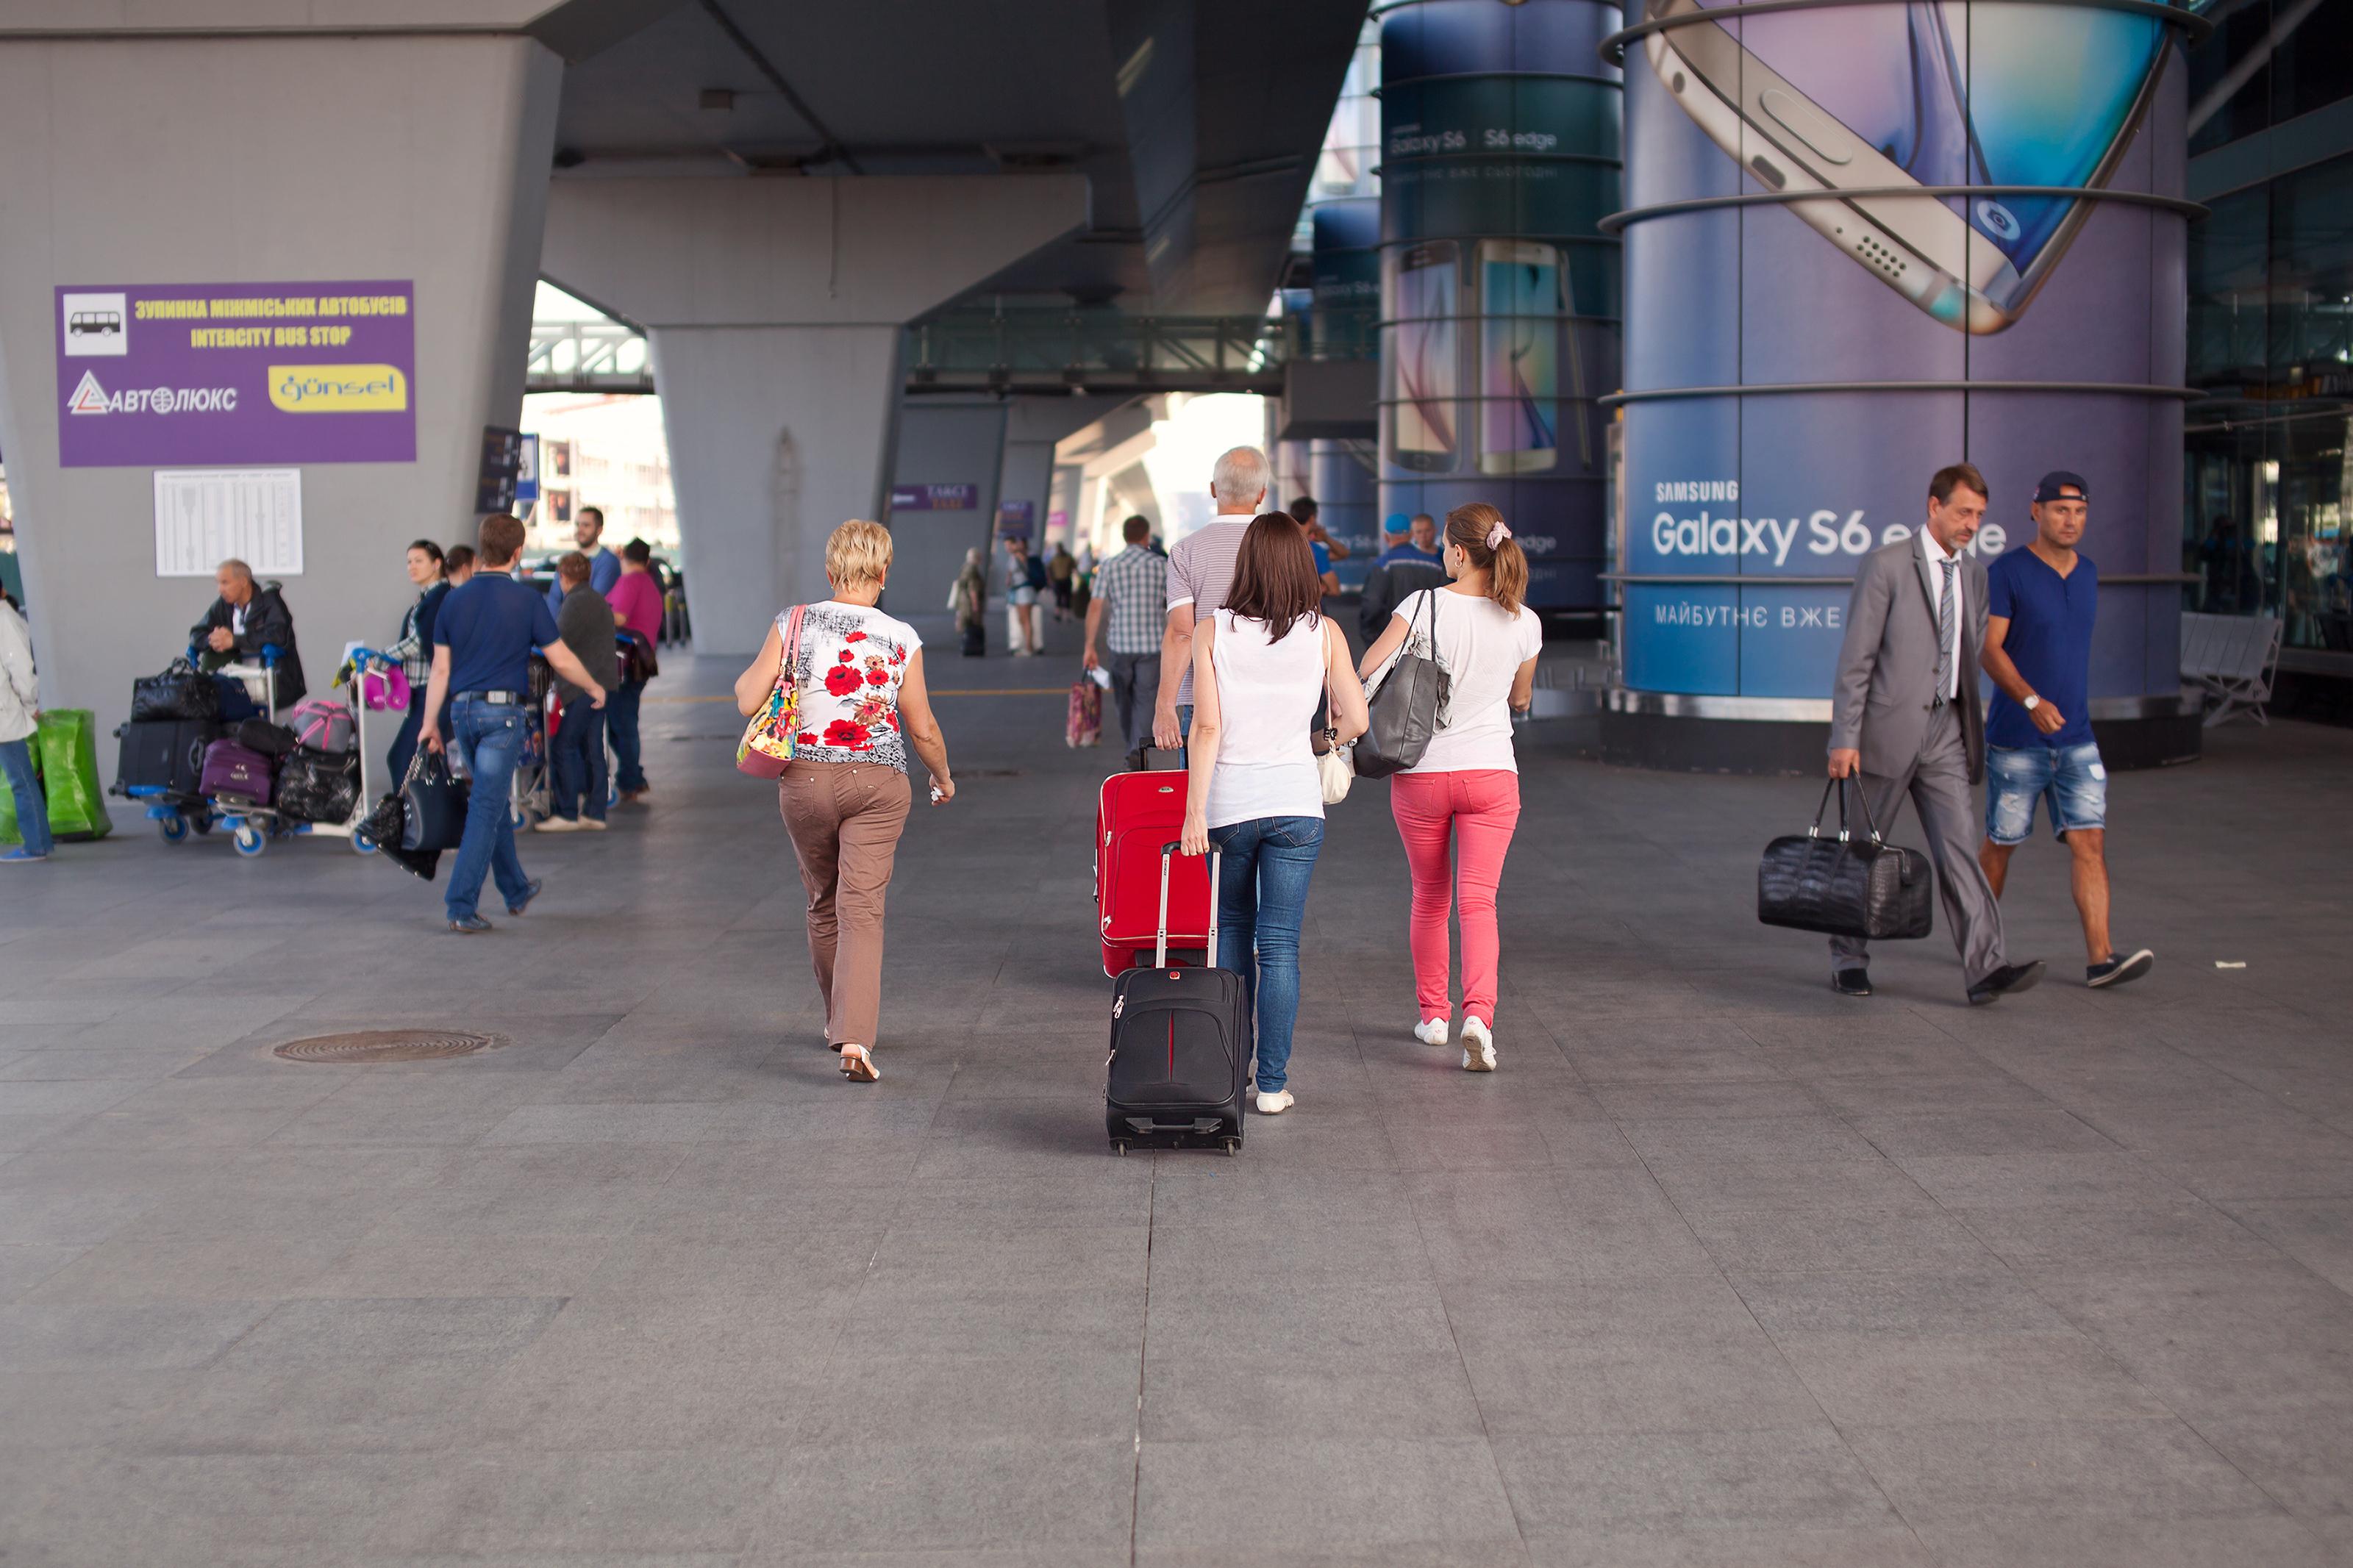 Аэропорт «Борисполь» запустит программу удешевления авиабилетов